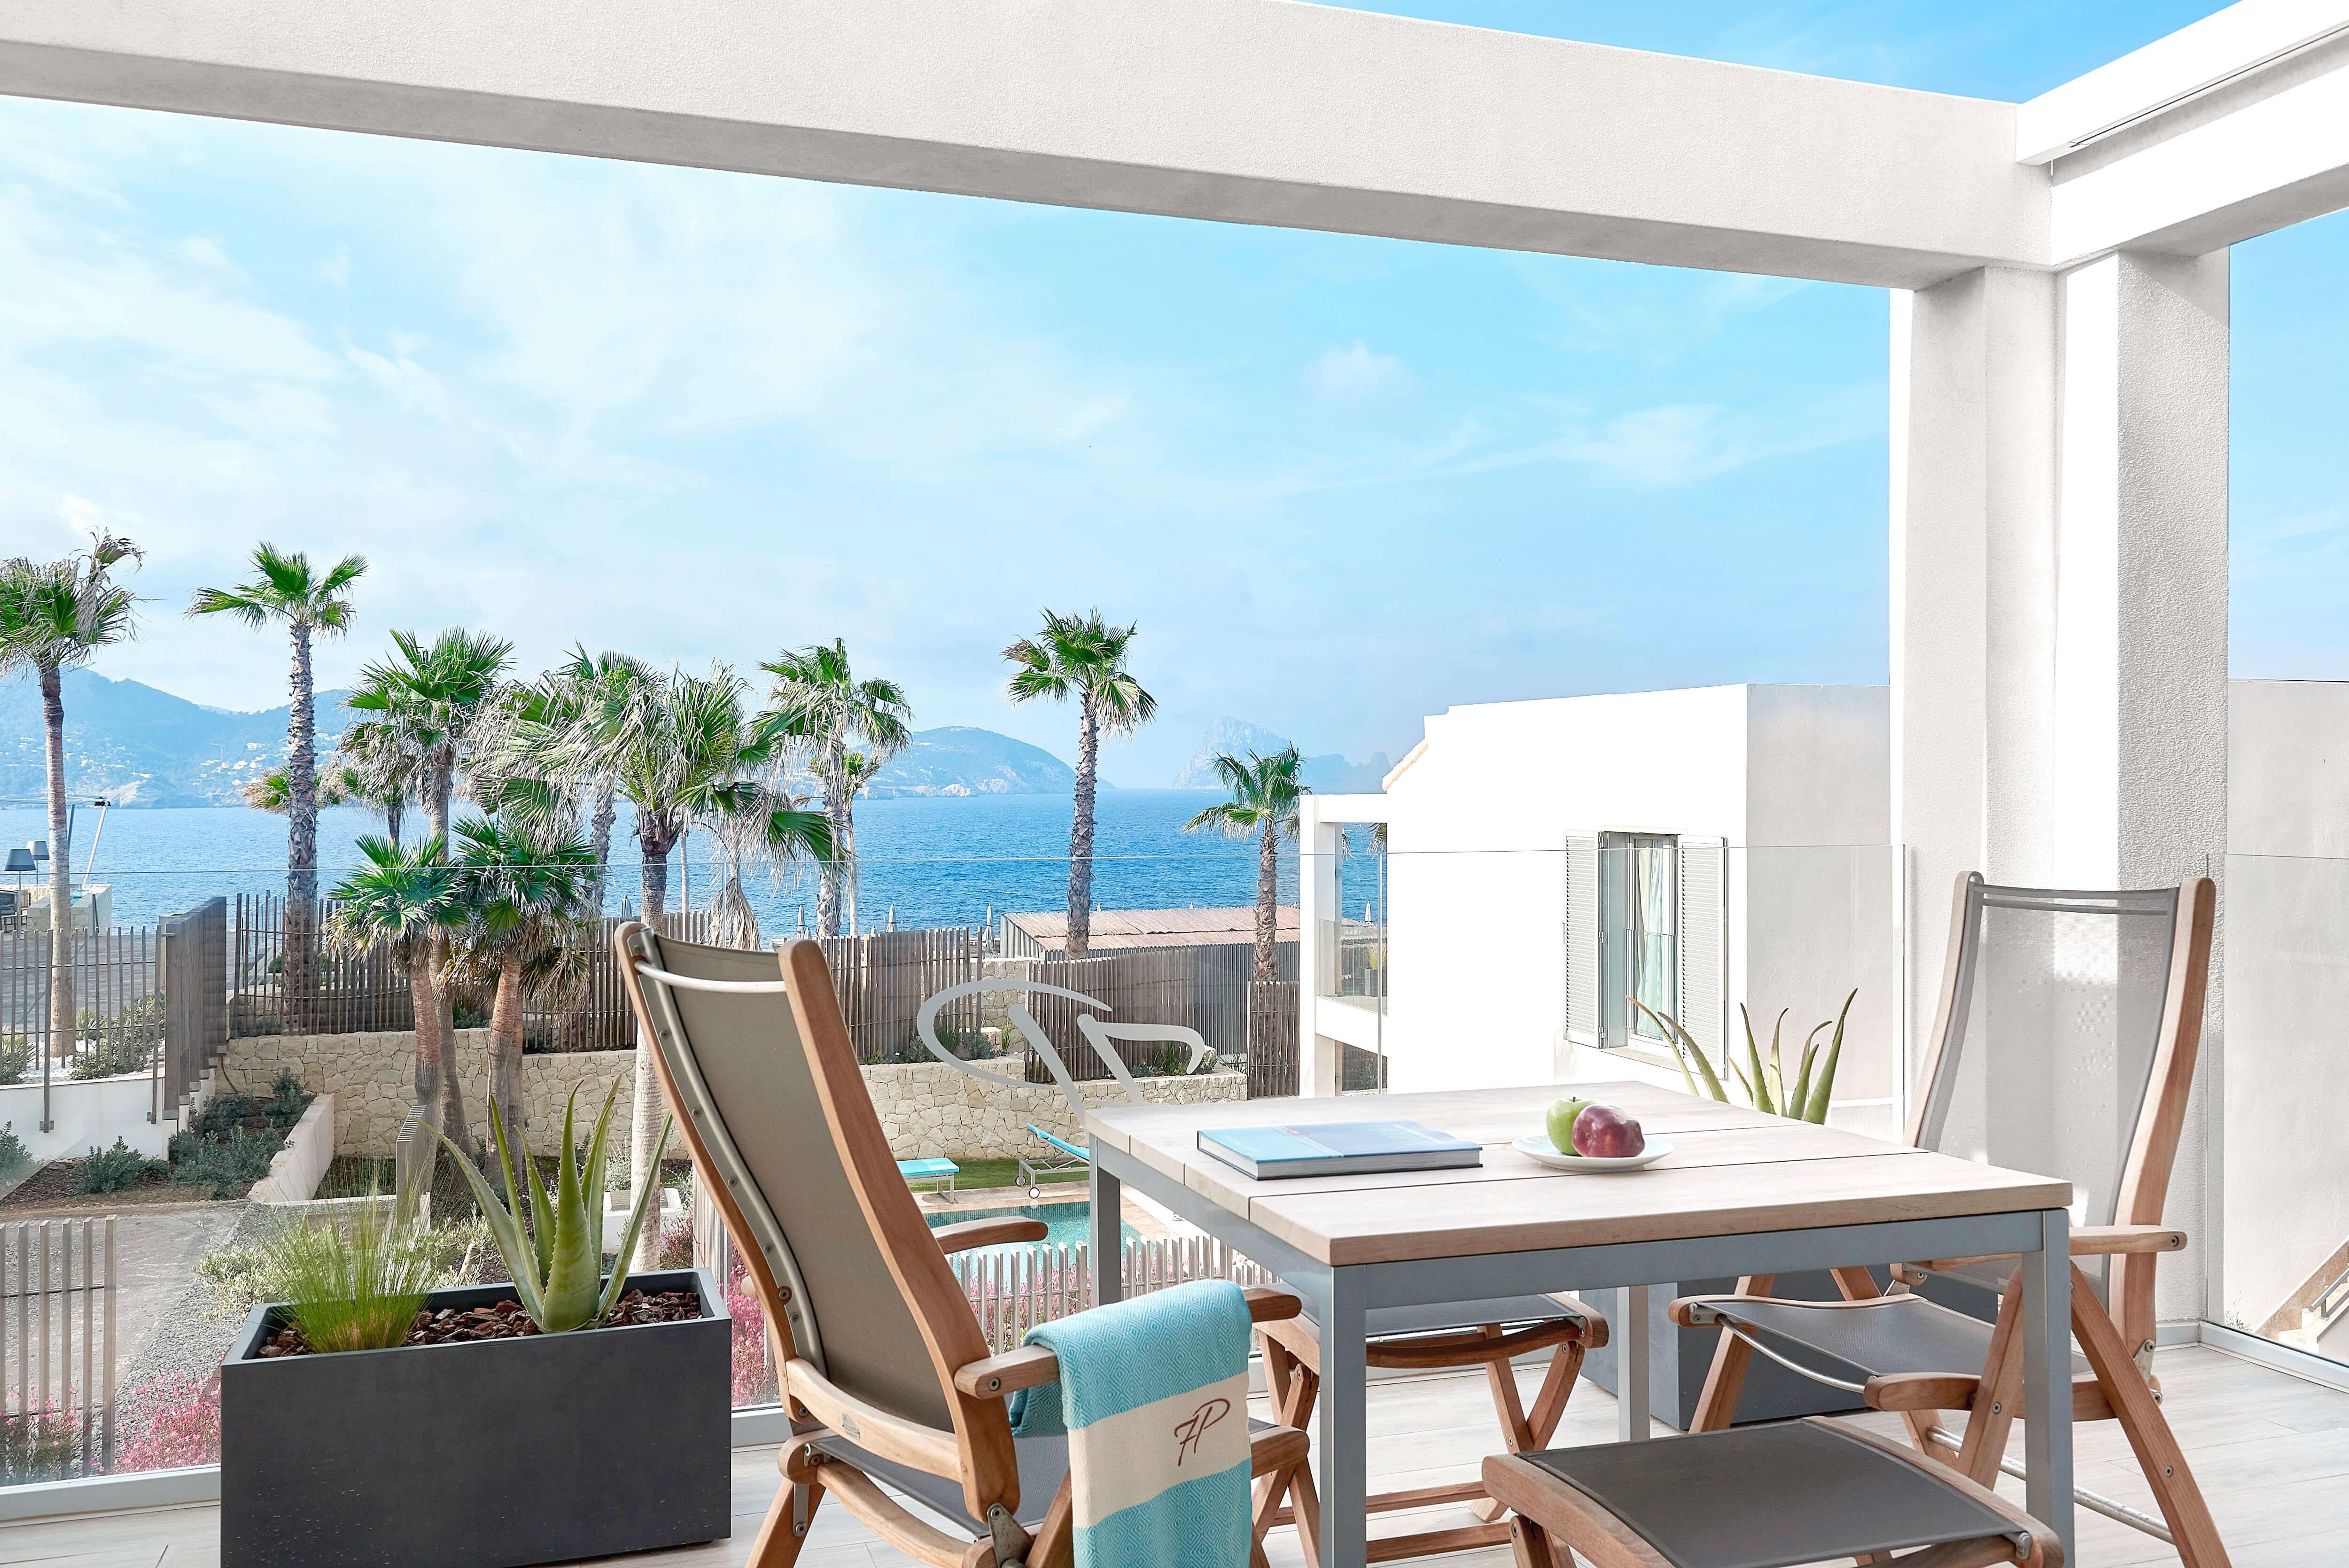 7KIBZ1_Resort-Suite-Sea-View_2_H